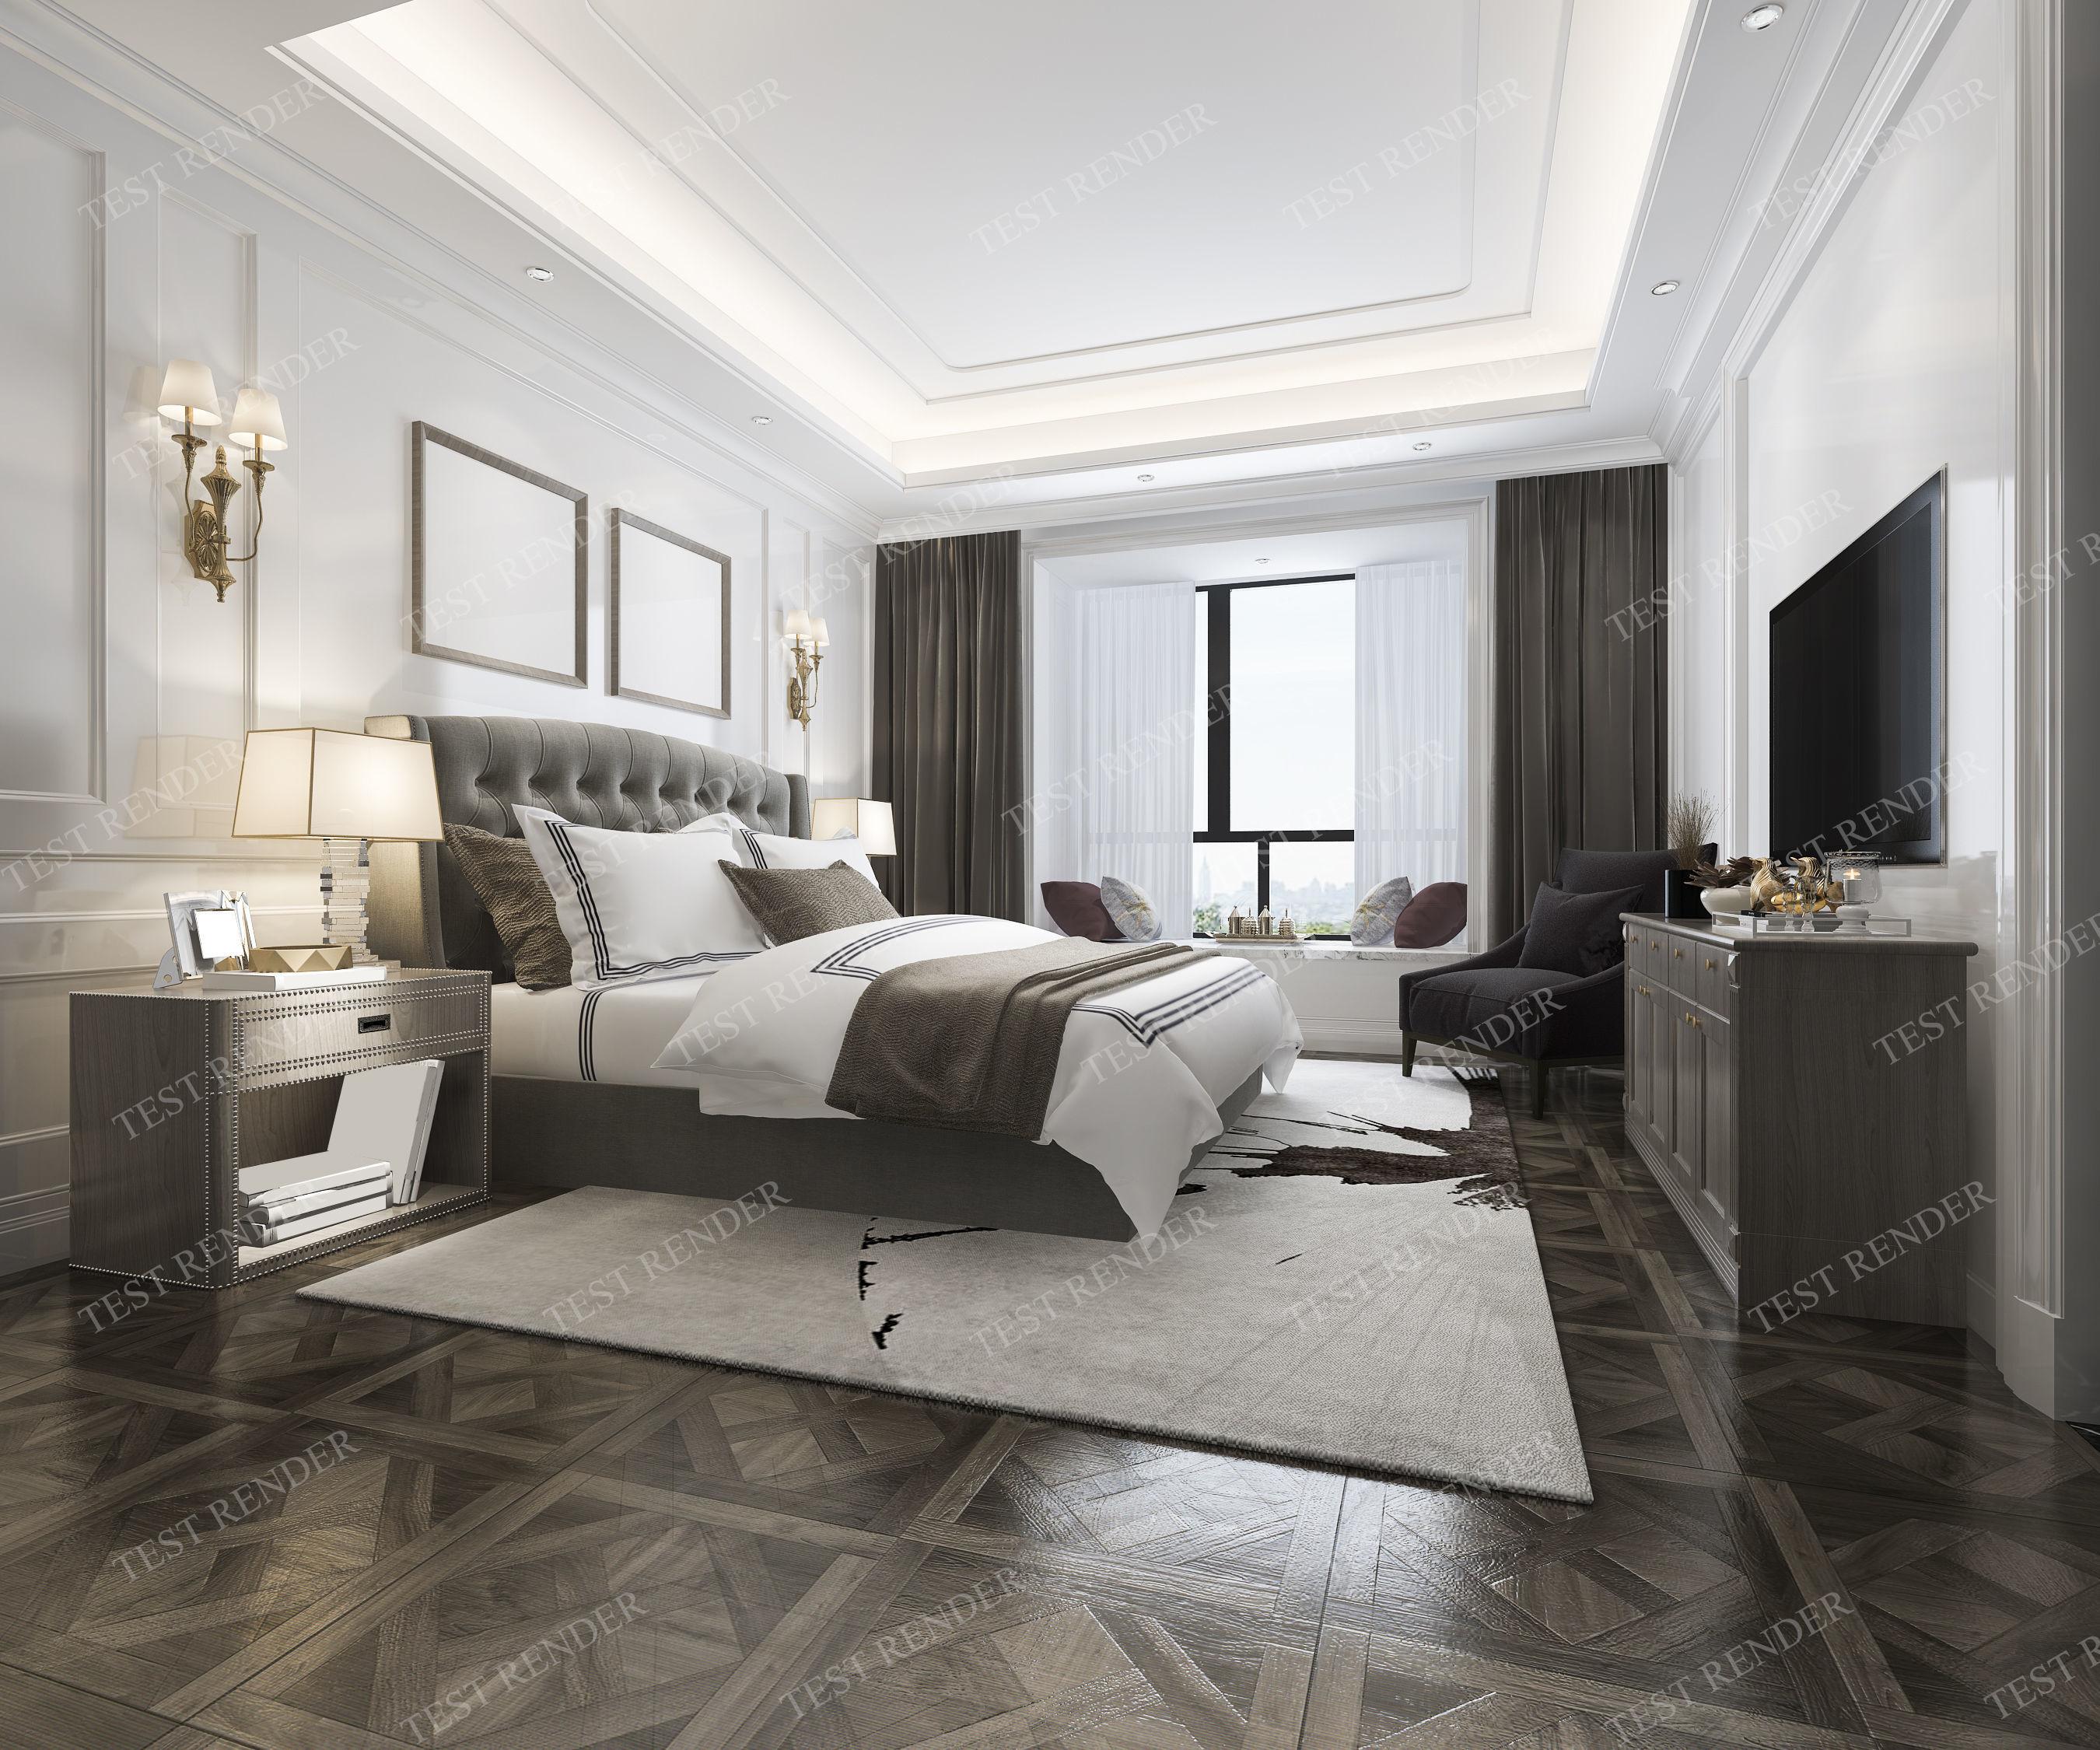 Model Luxury Clic Modern Bedroom